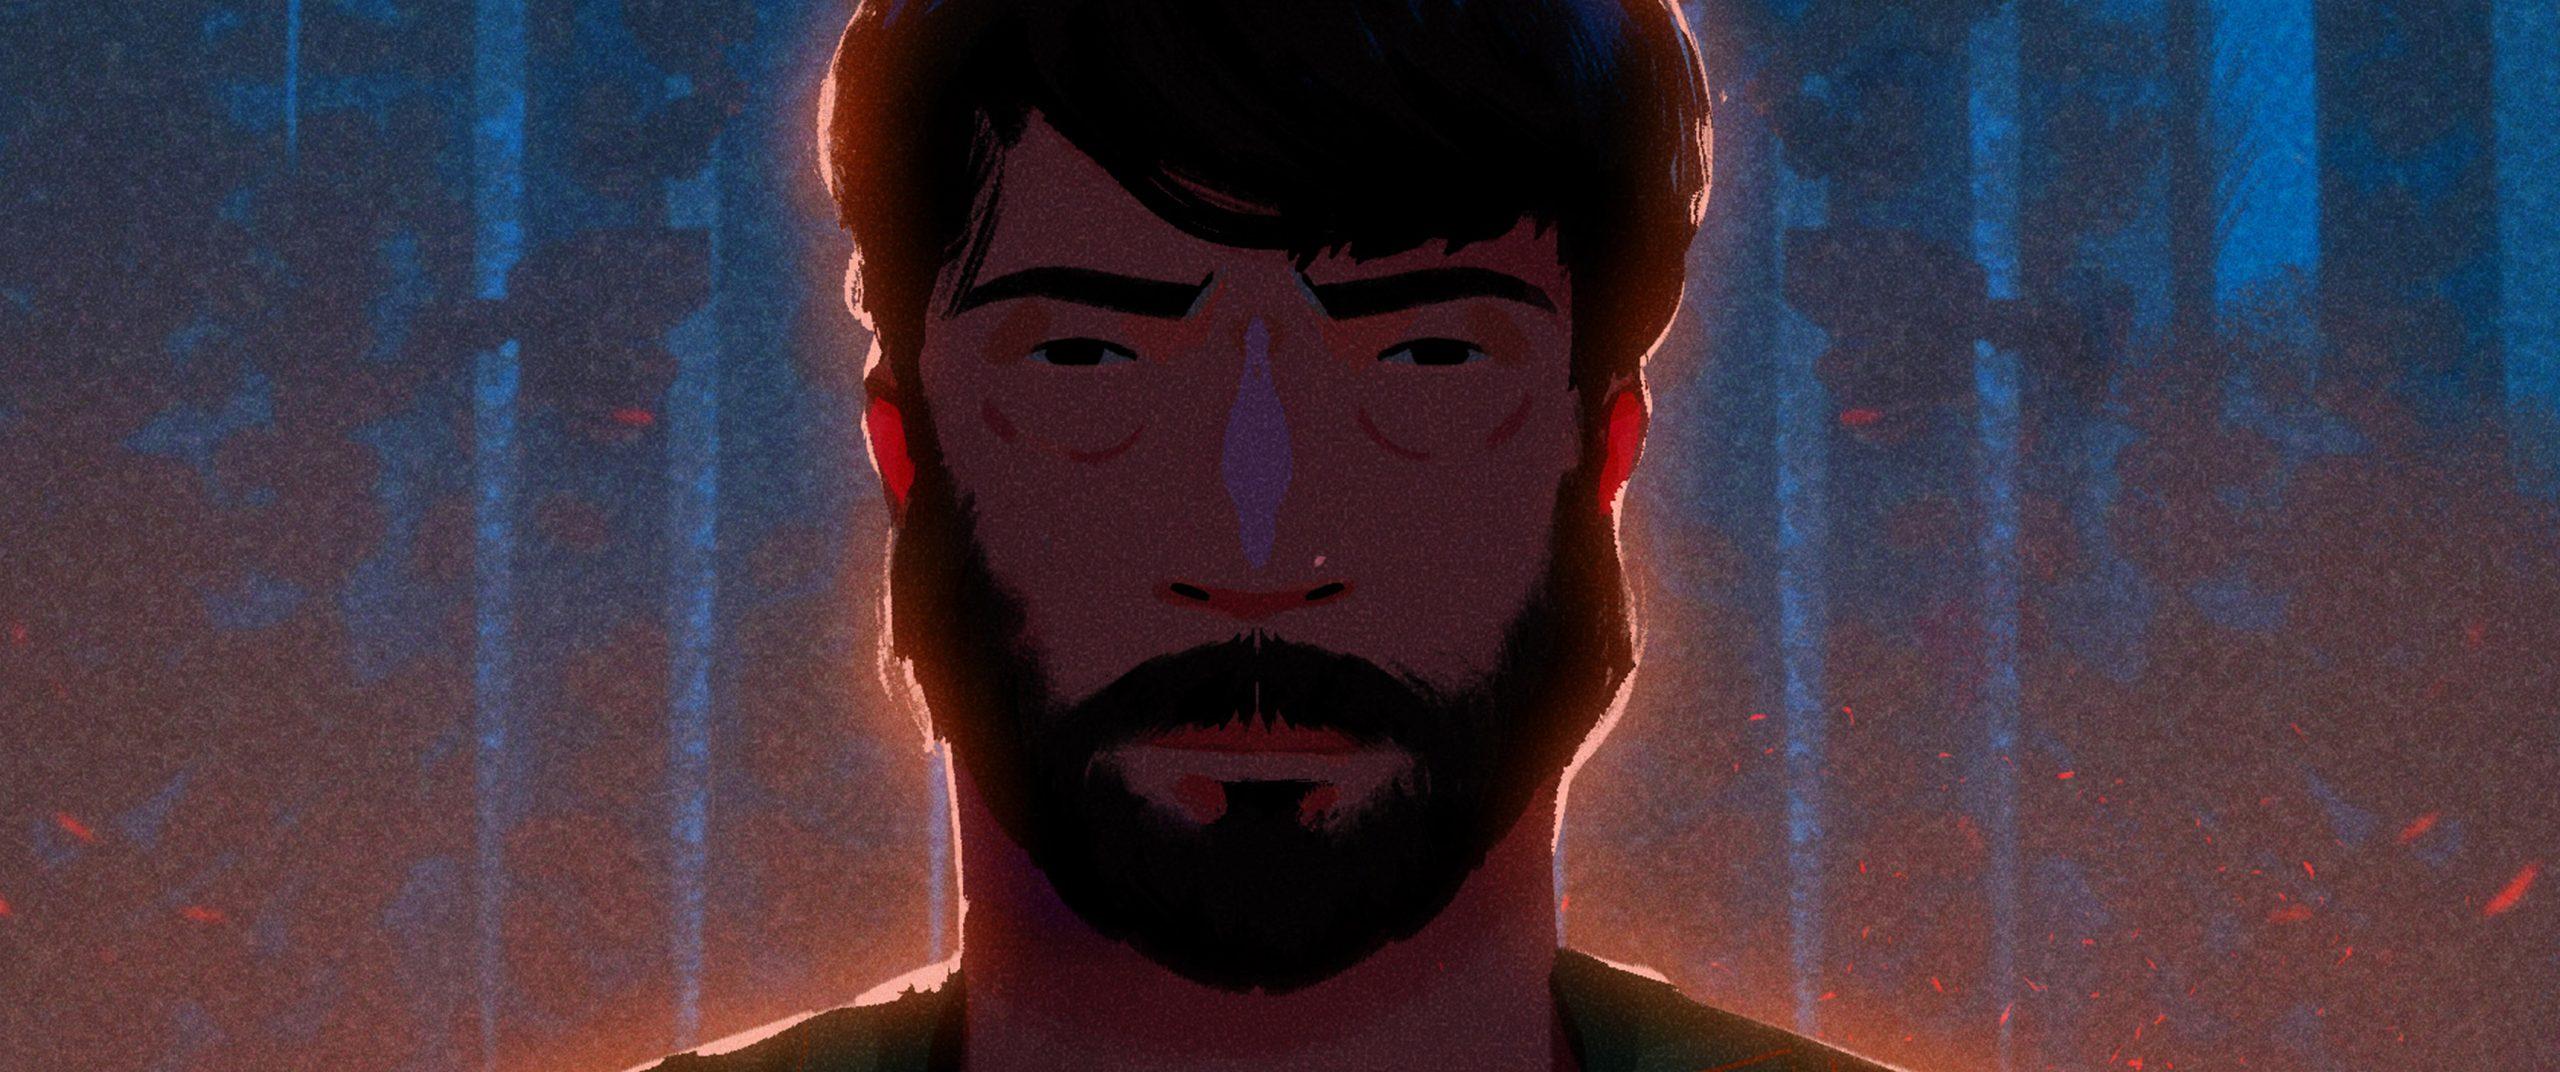 Арт: кадры из отменённого мультфильма повидеоигре The Last ofUs 5